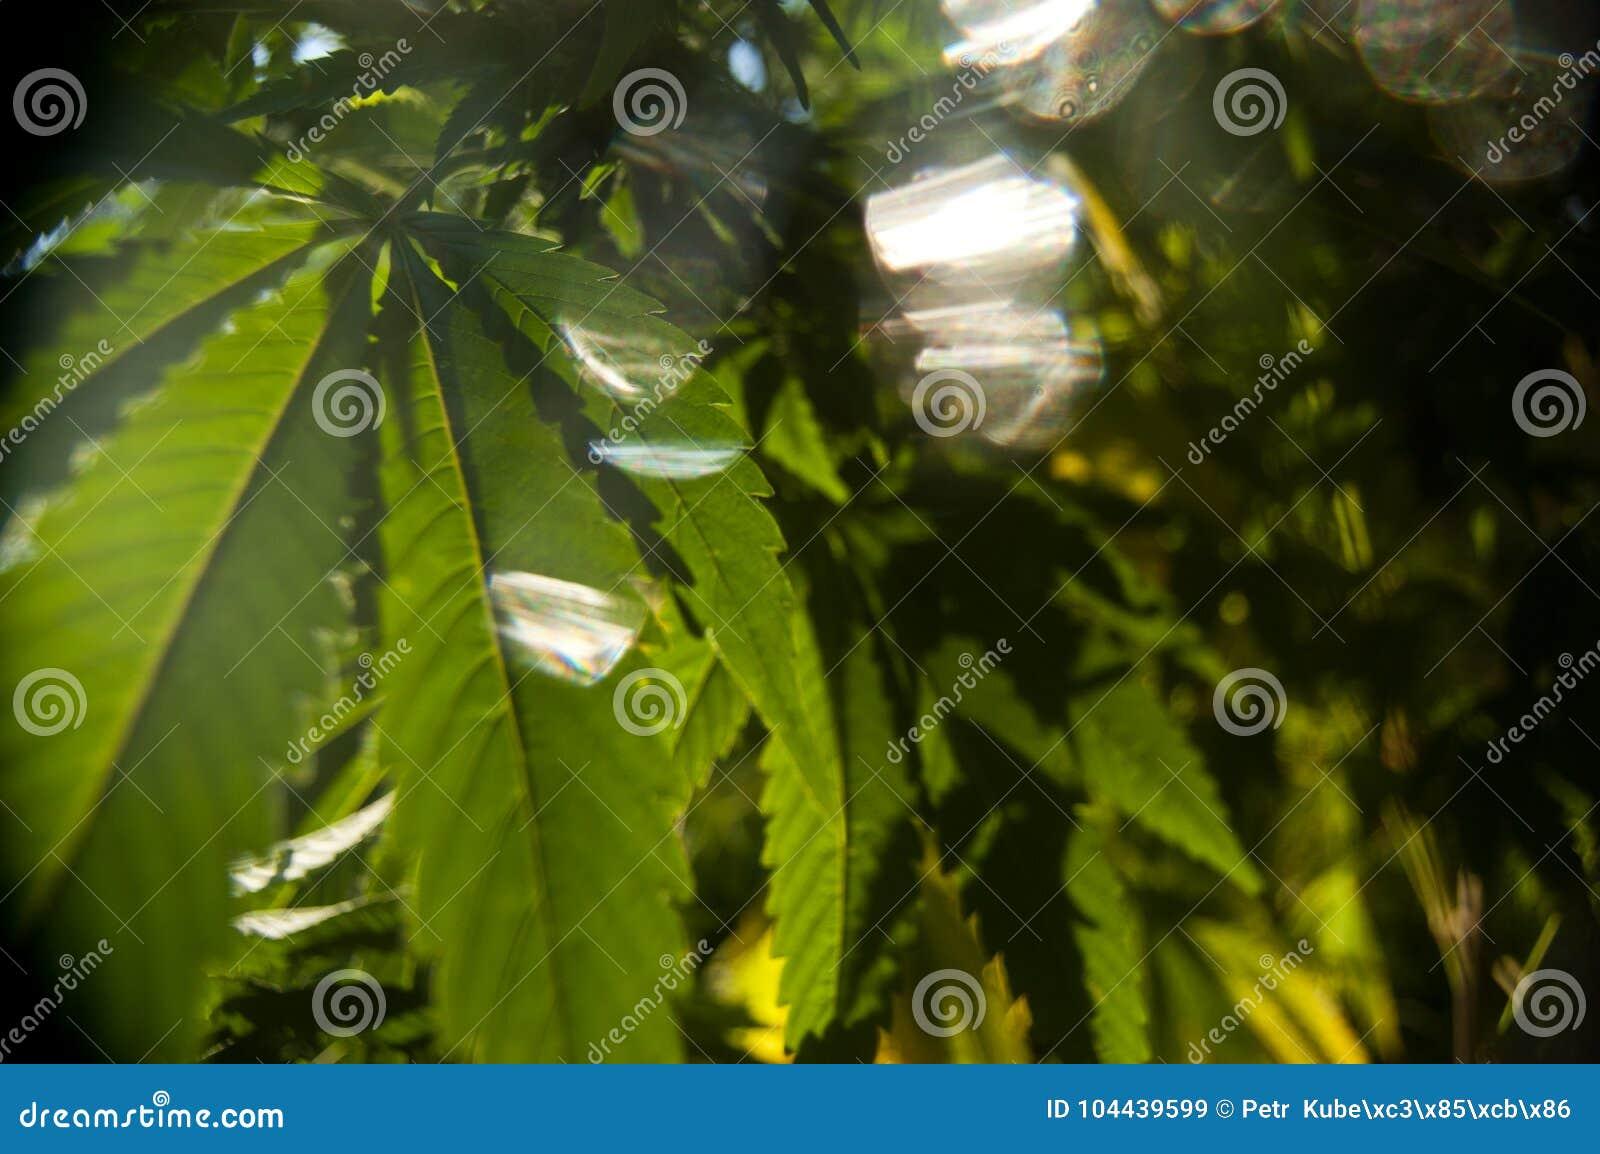 De bladeren van marihuanaglans in eeuwig glanzen van zon